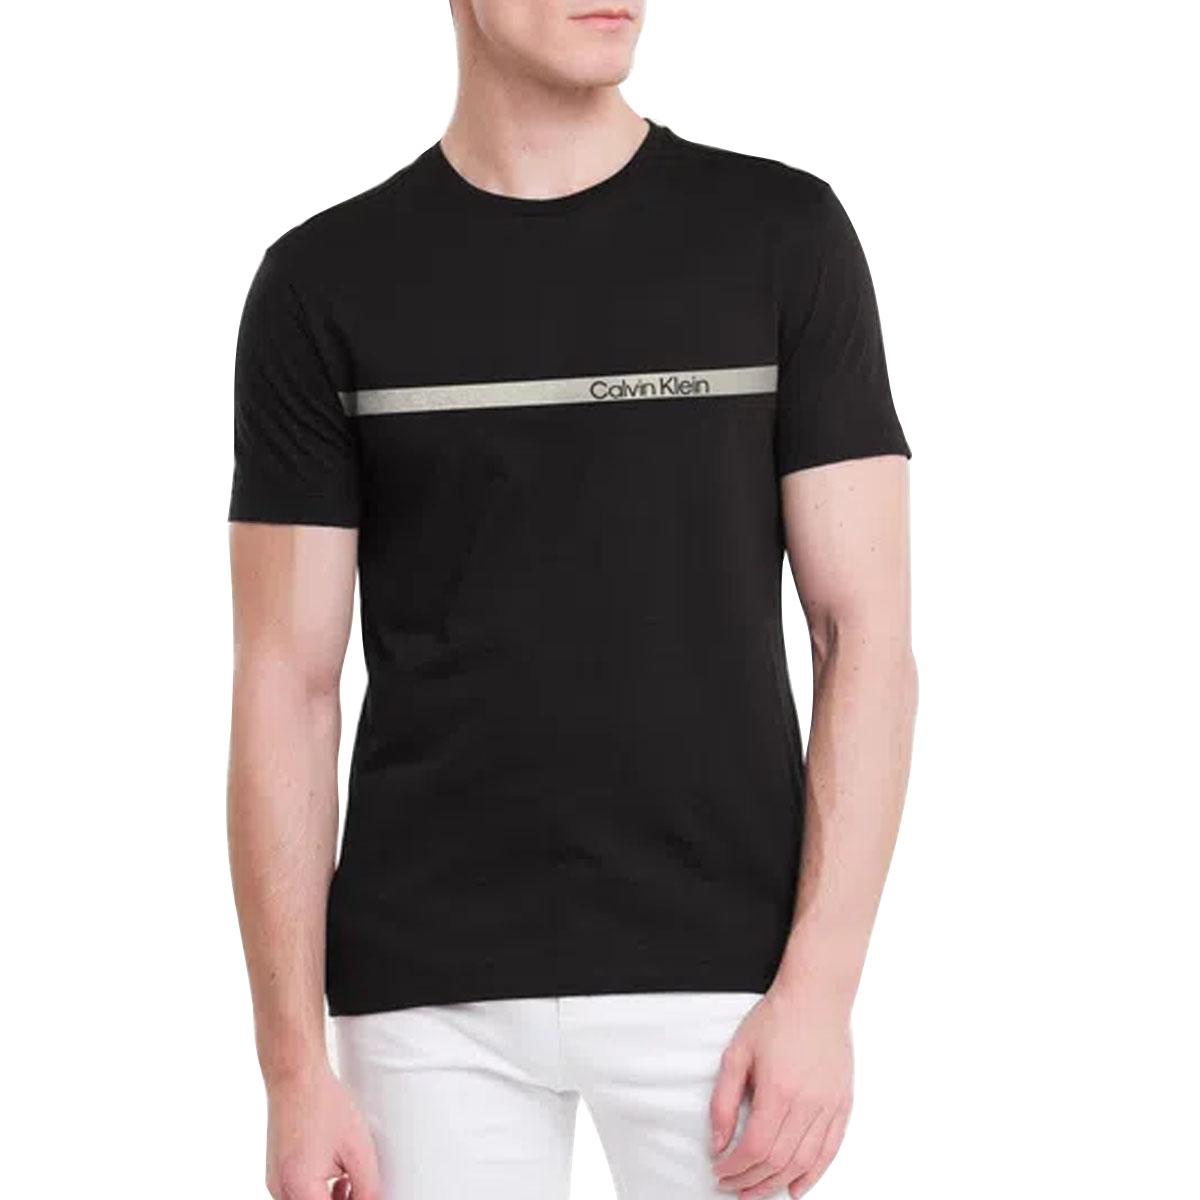 Camiseta Calvin Klein Slim Institucional Faixa Preto